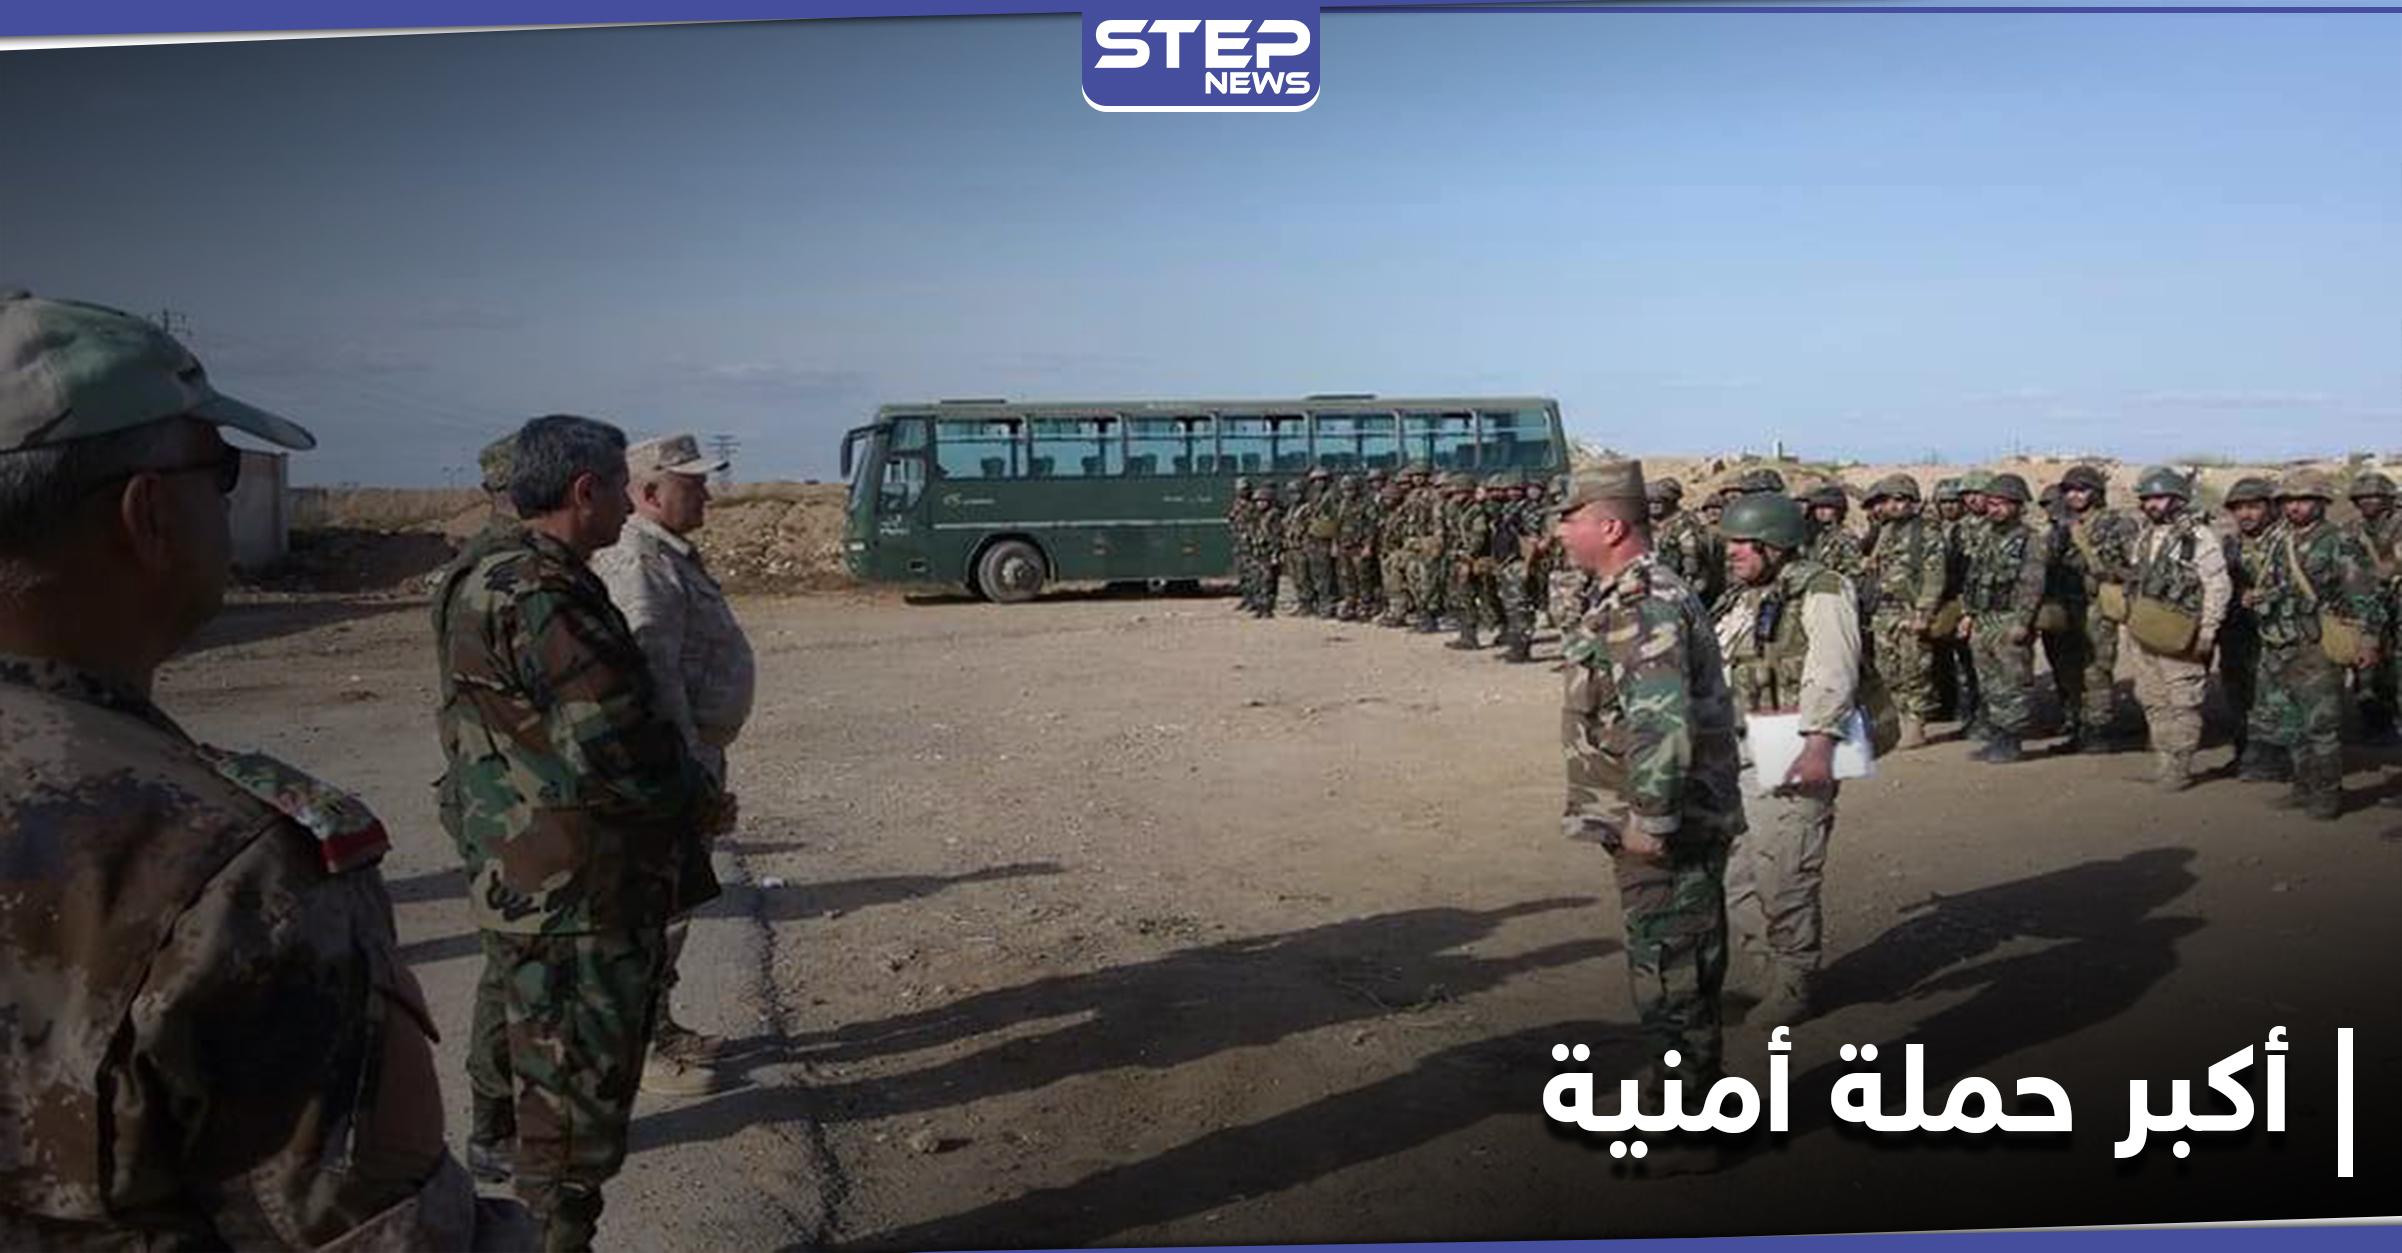 """بتدريبٍ روسيّ.. ميليشيا """"الفيلق الخامس"""" تستعد لحملة أمنية واسعة في البادية السورية"""